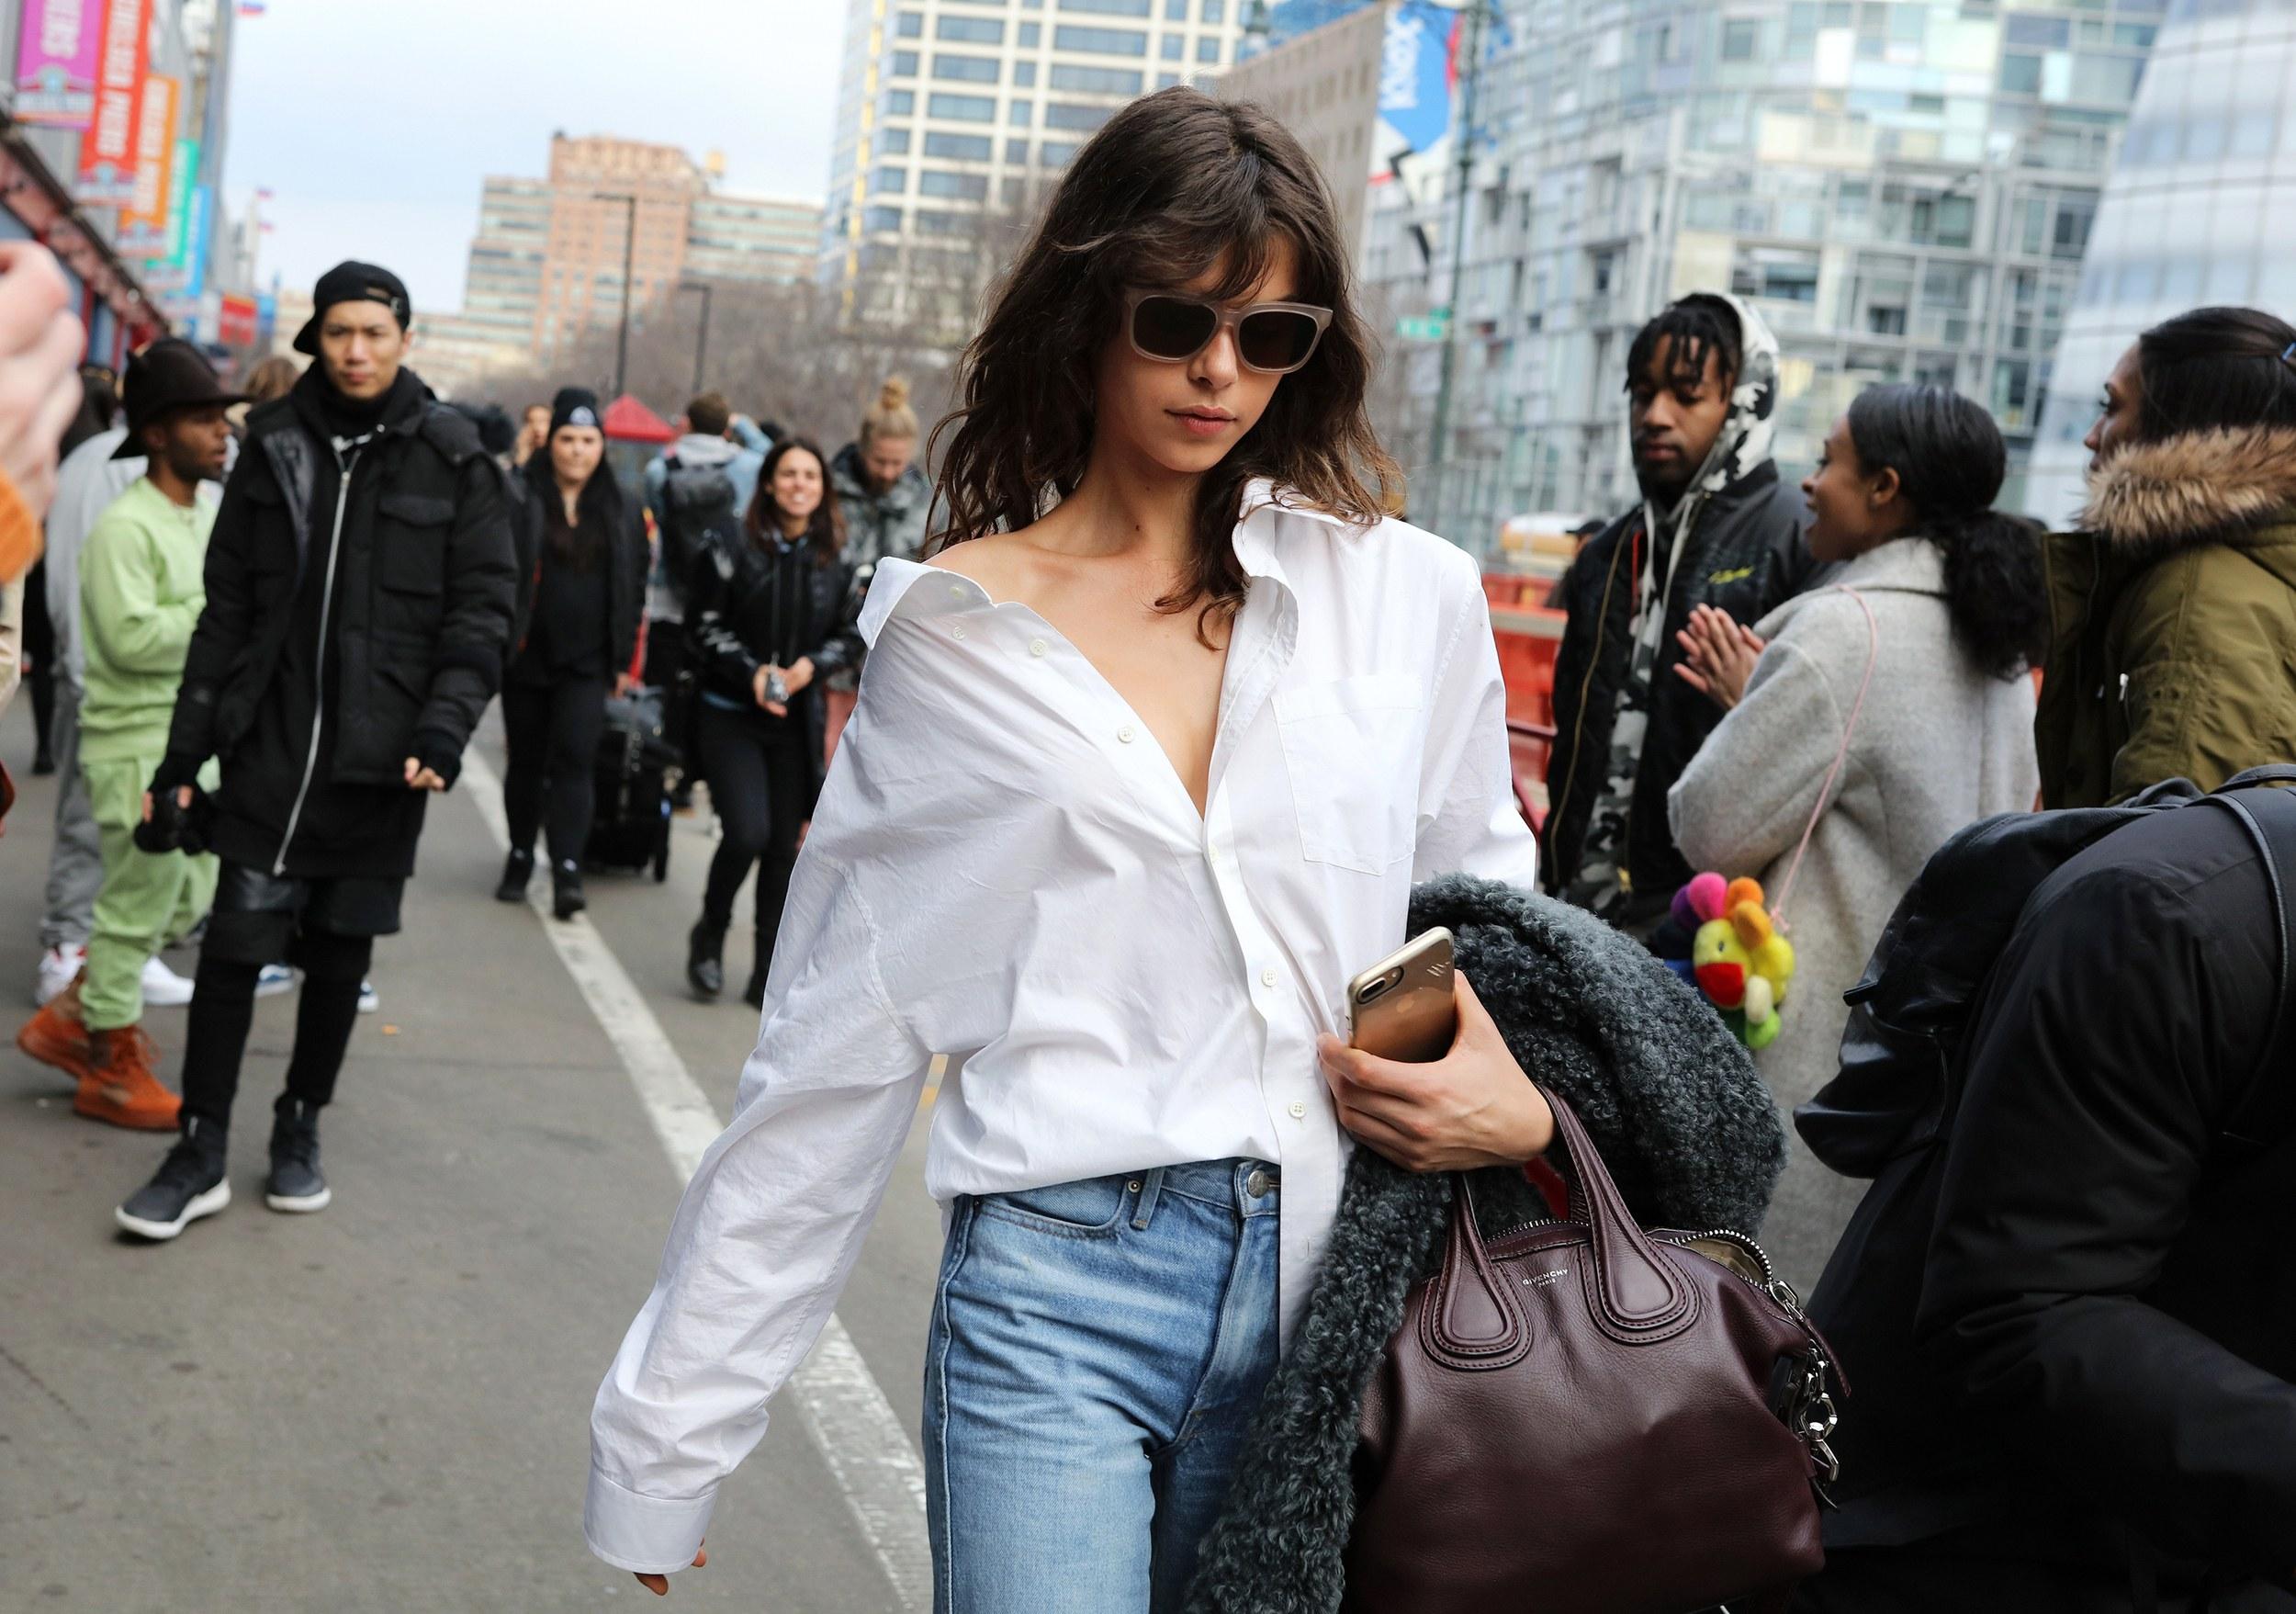 Chiêm ngưỡng đặc sản street style đẹp khó rời mắt tại Tuần lễ thời trang New York - Ảnh 18.